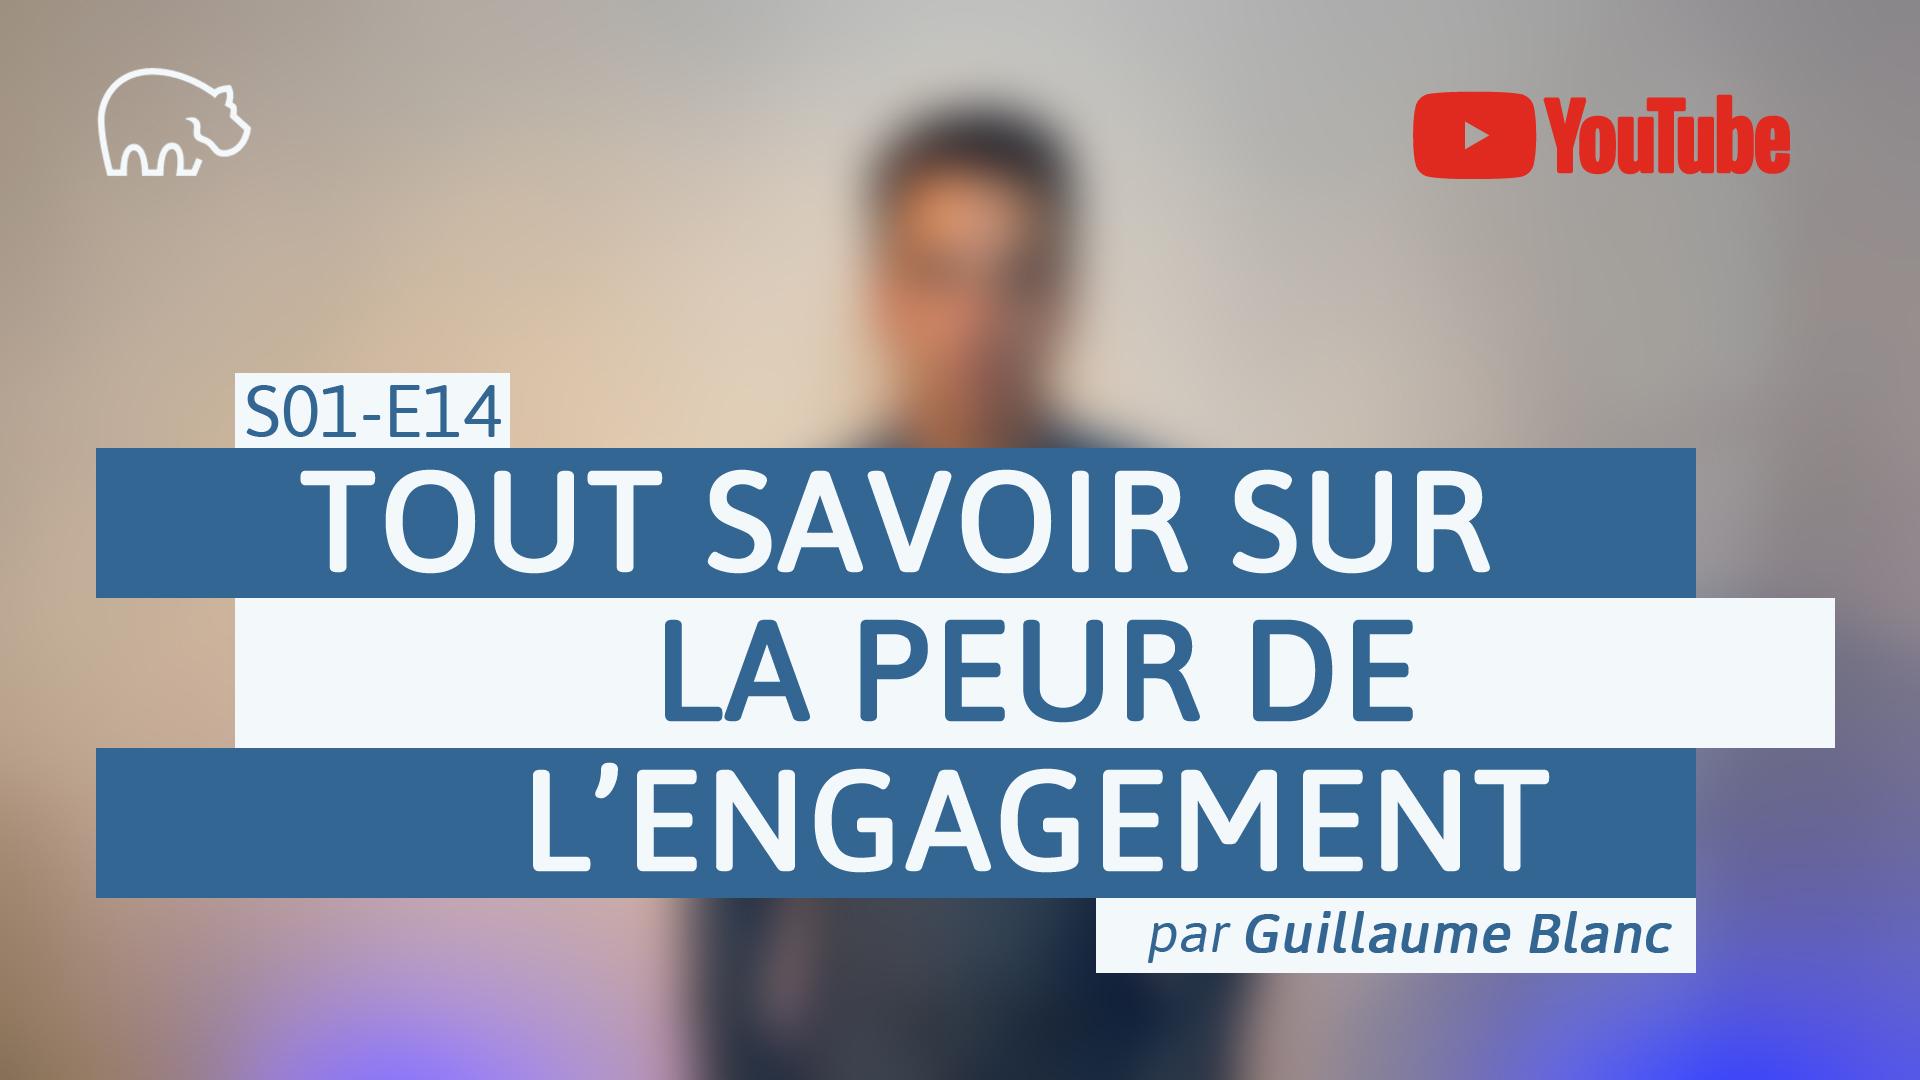 Bannière illustration - ImmoPotamTV - YouTube - Guillaume Blanc - S01-E14 - Tout savoir sur la peur de l'engagement